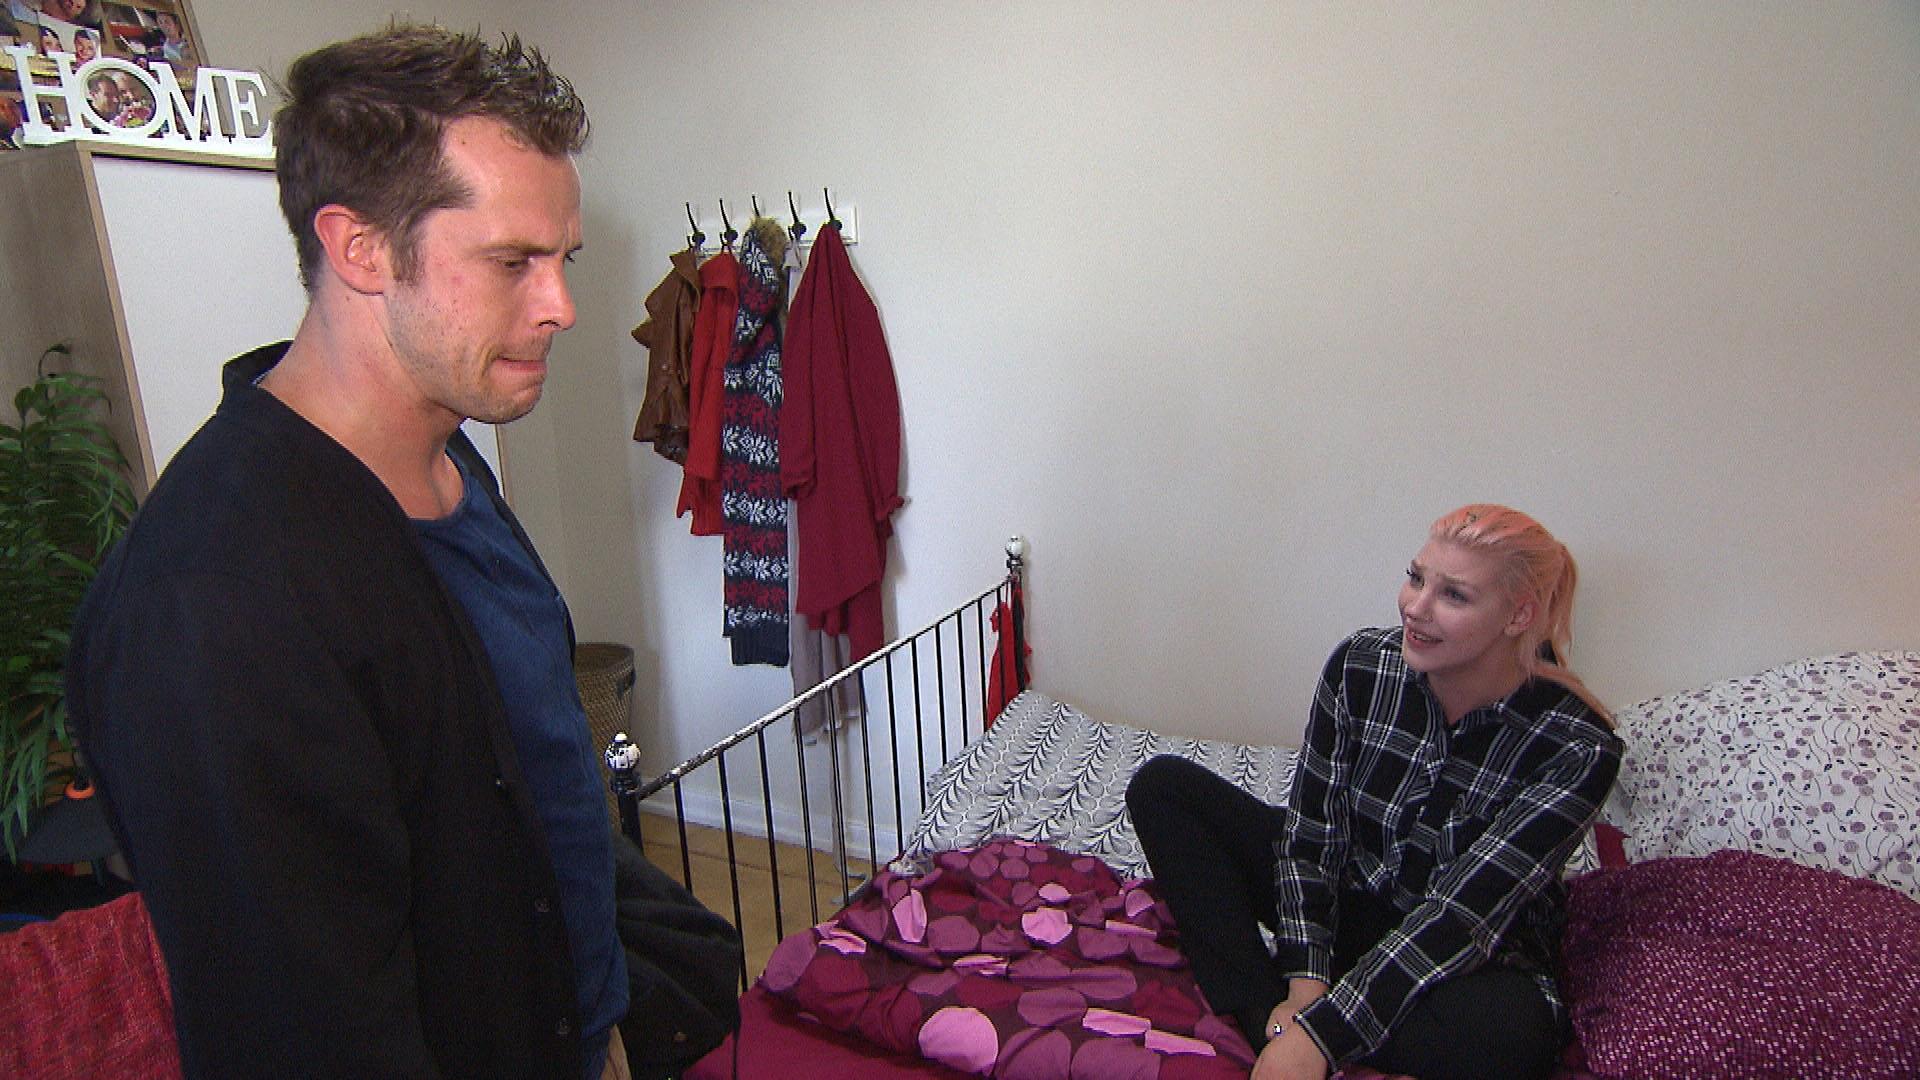 Paula ist völlig aufgelöst und wirft Basti verletzt raus, als er sie um eine Aussprache bittet. (Quelle: RTL 2)